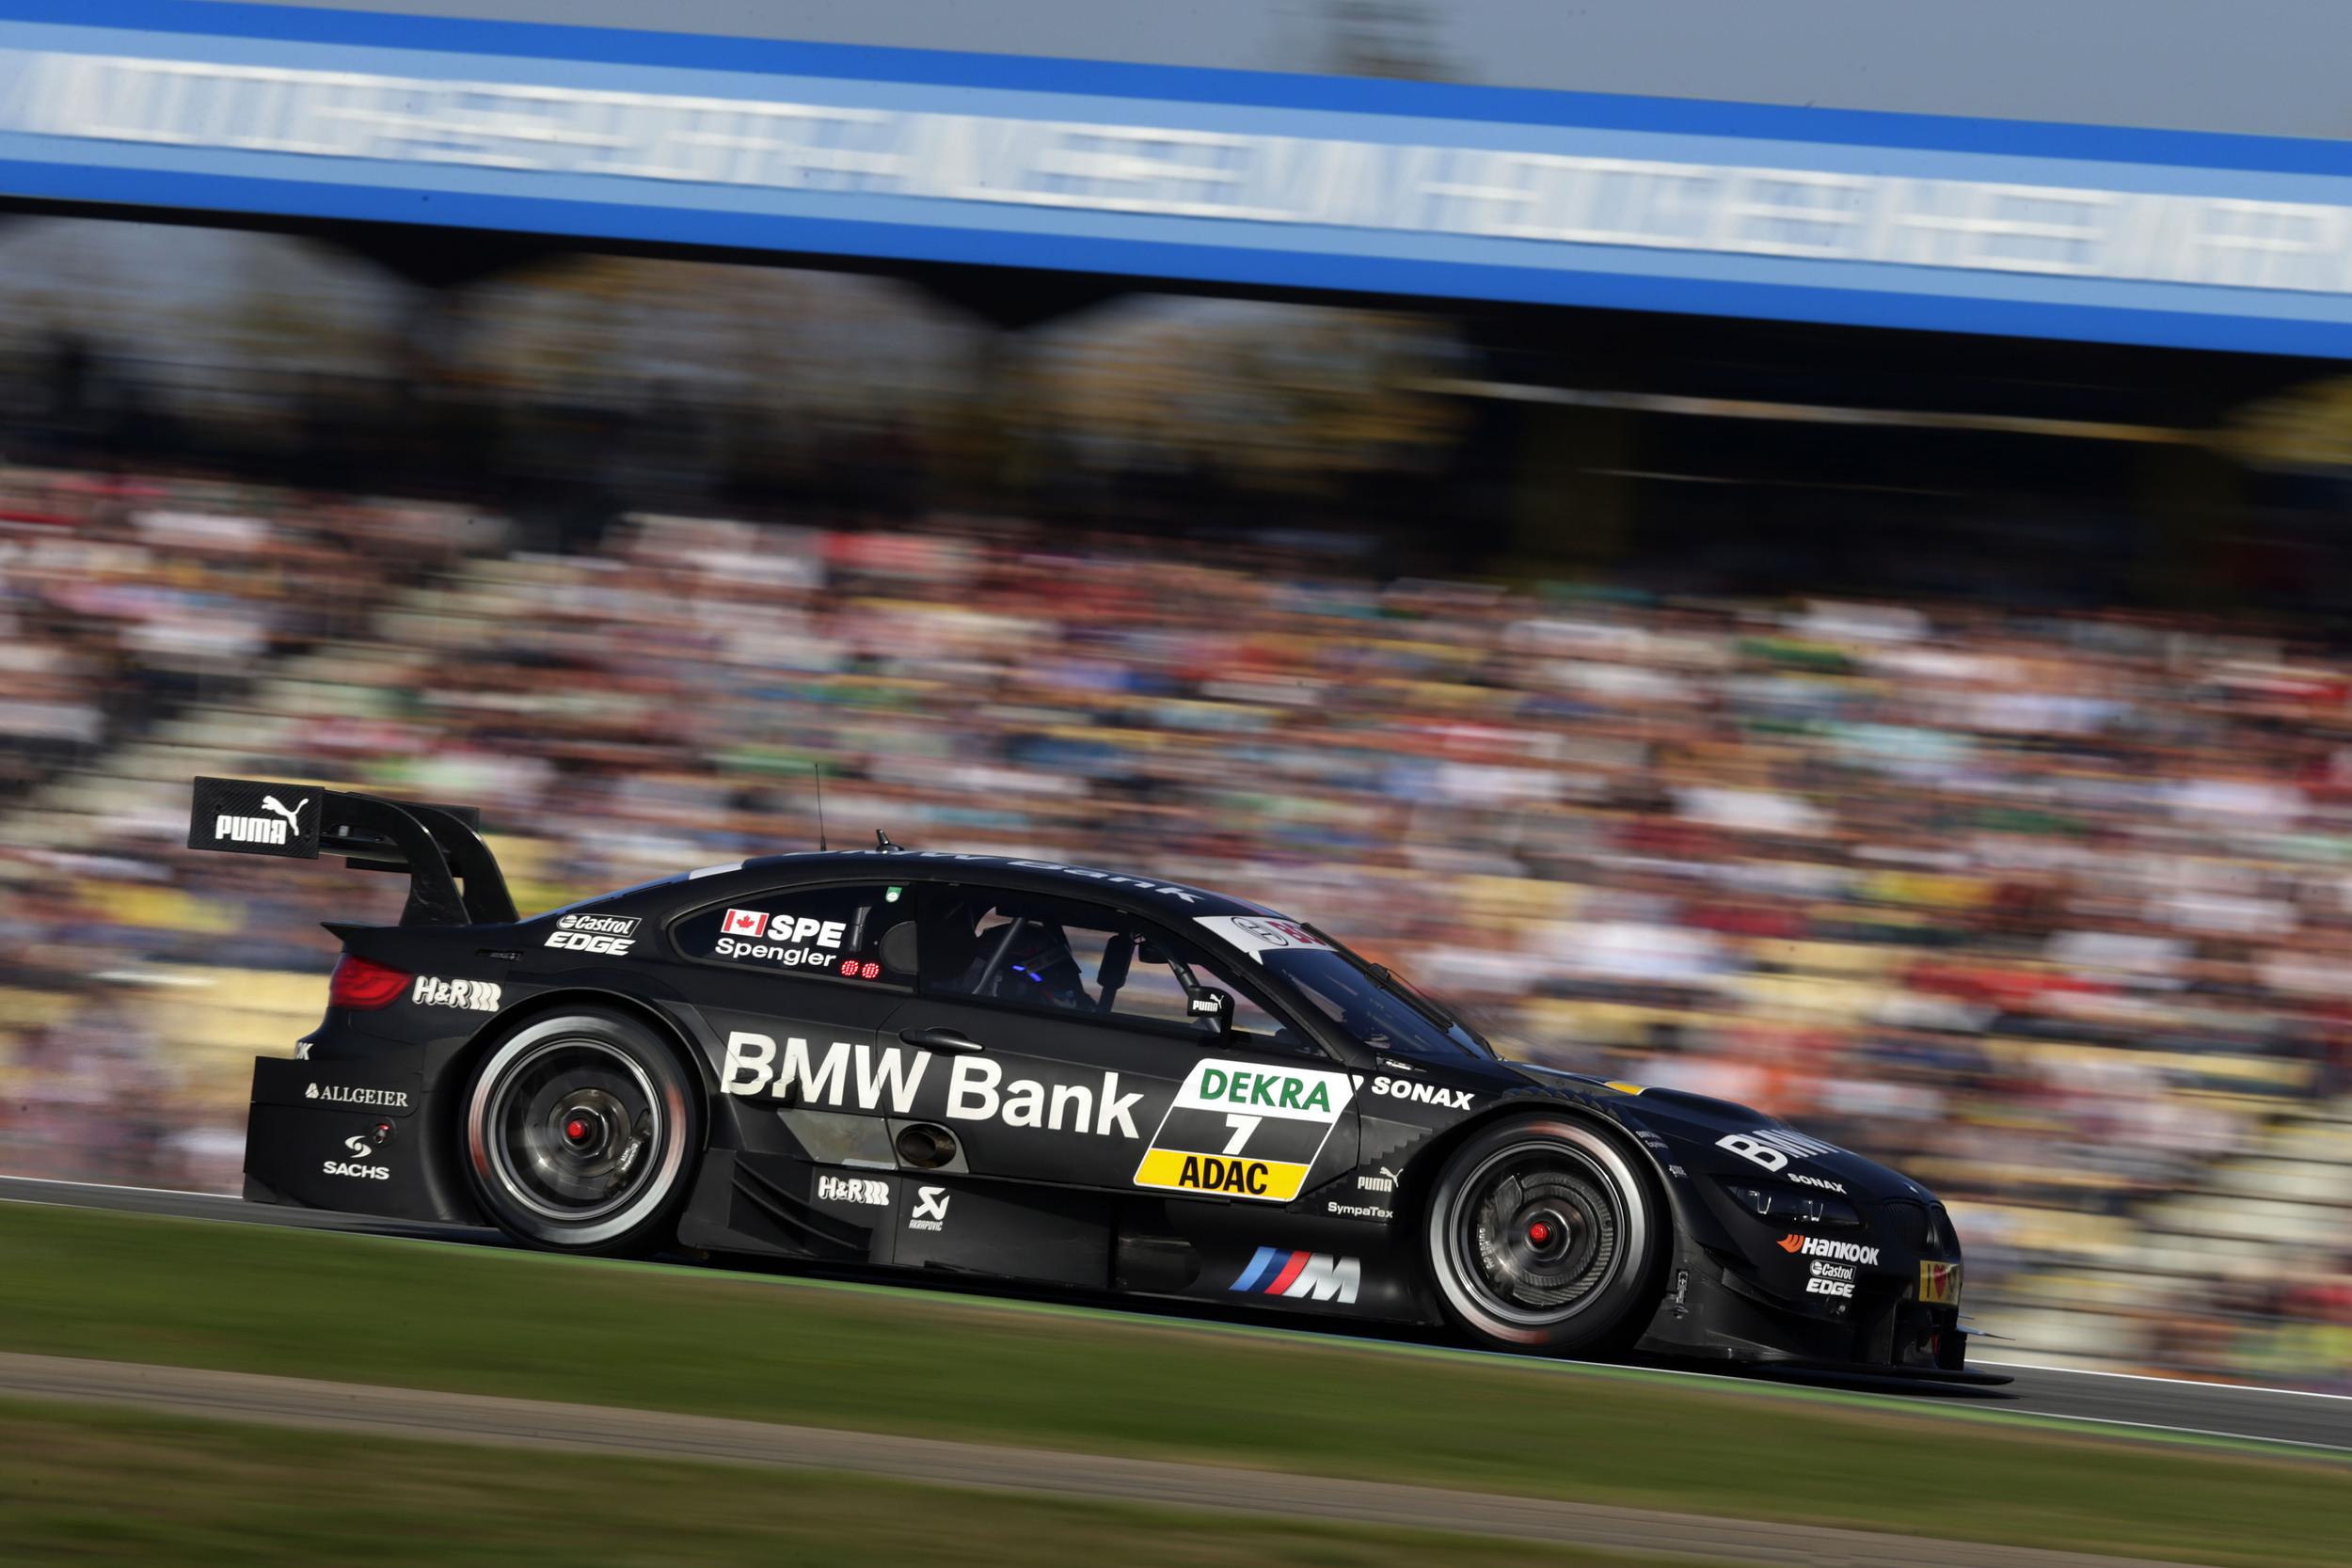 Bruno-Spengler-BMW-DTM-M3-M4-21.jpg